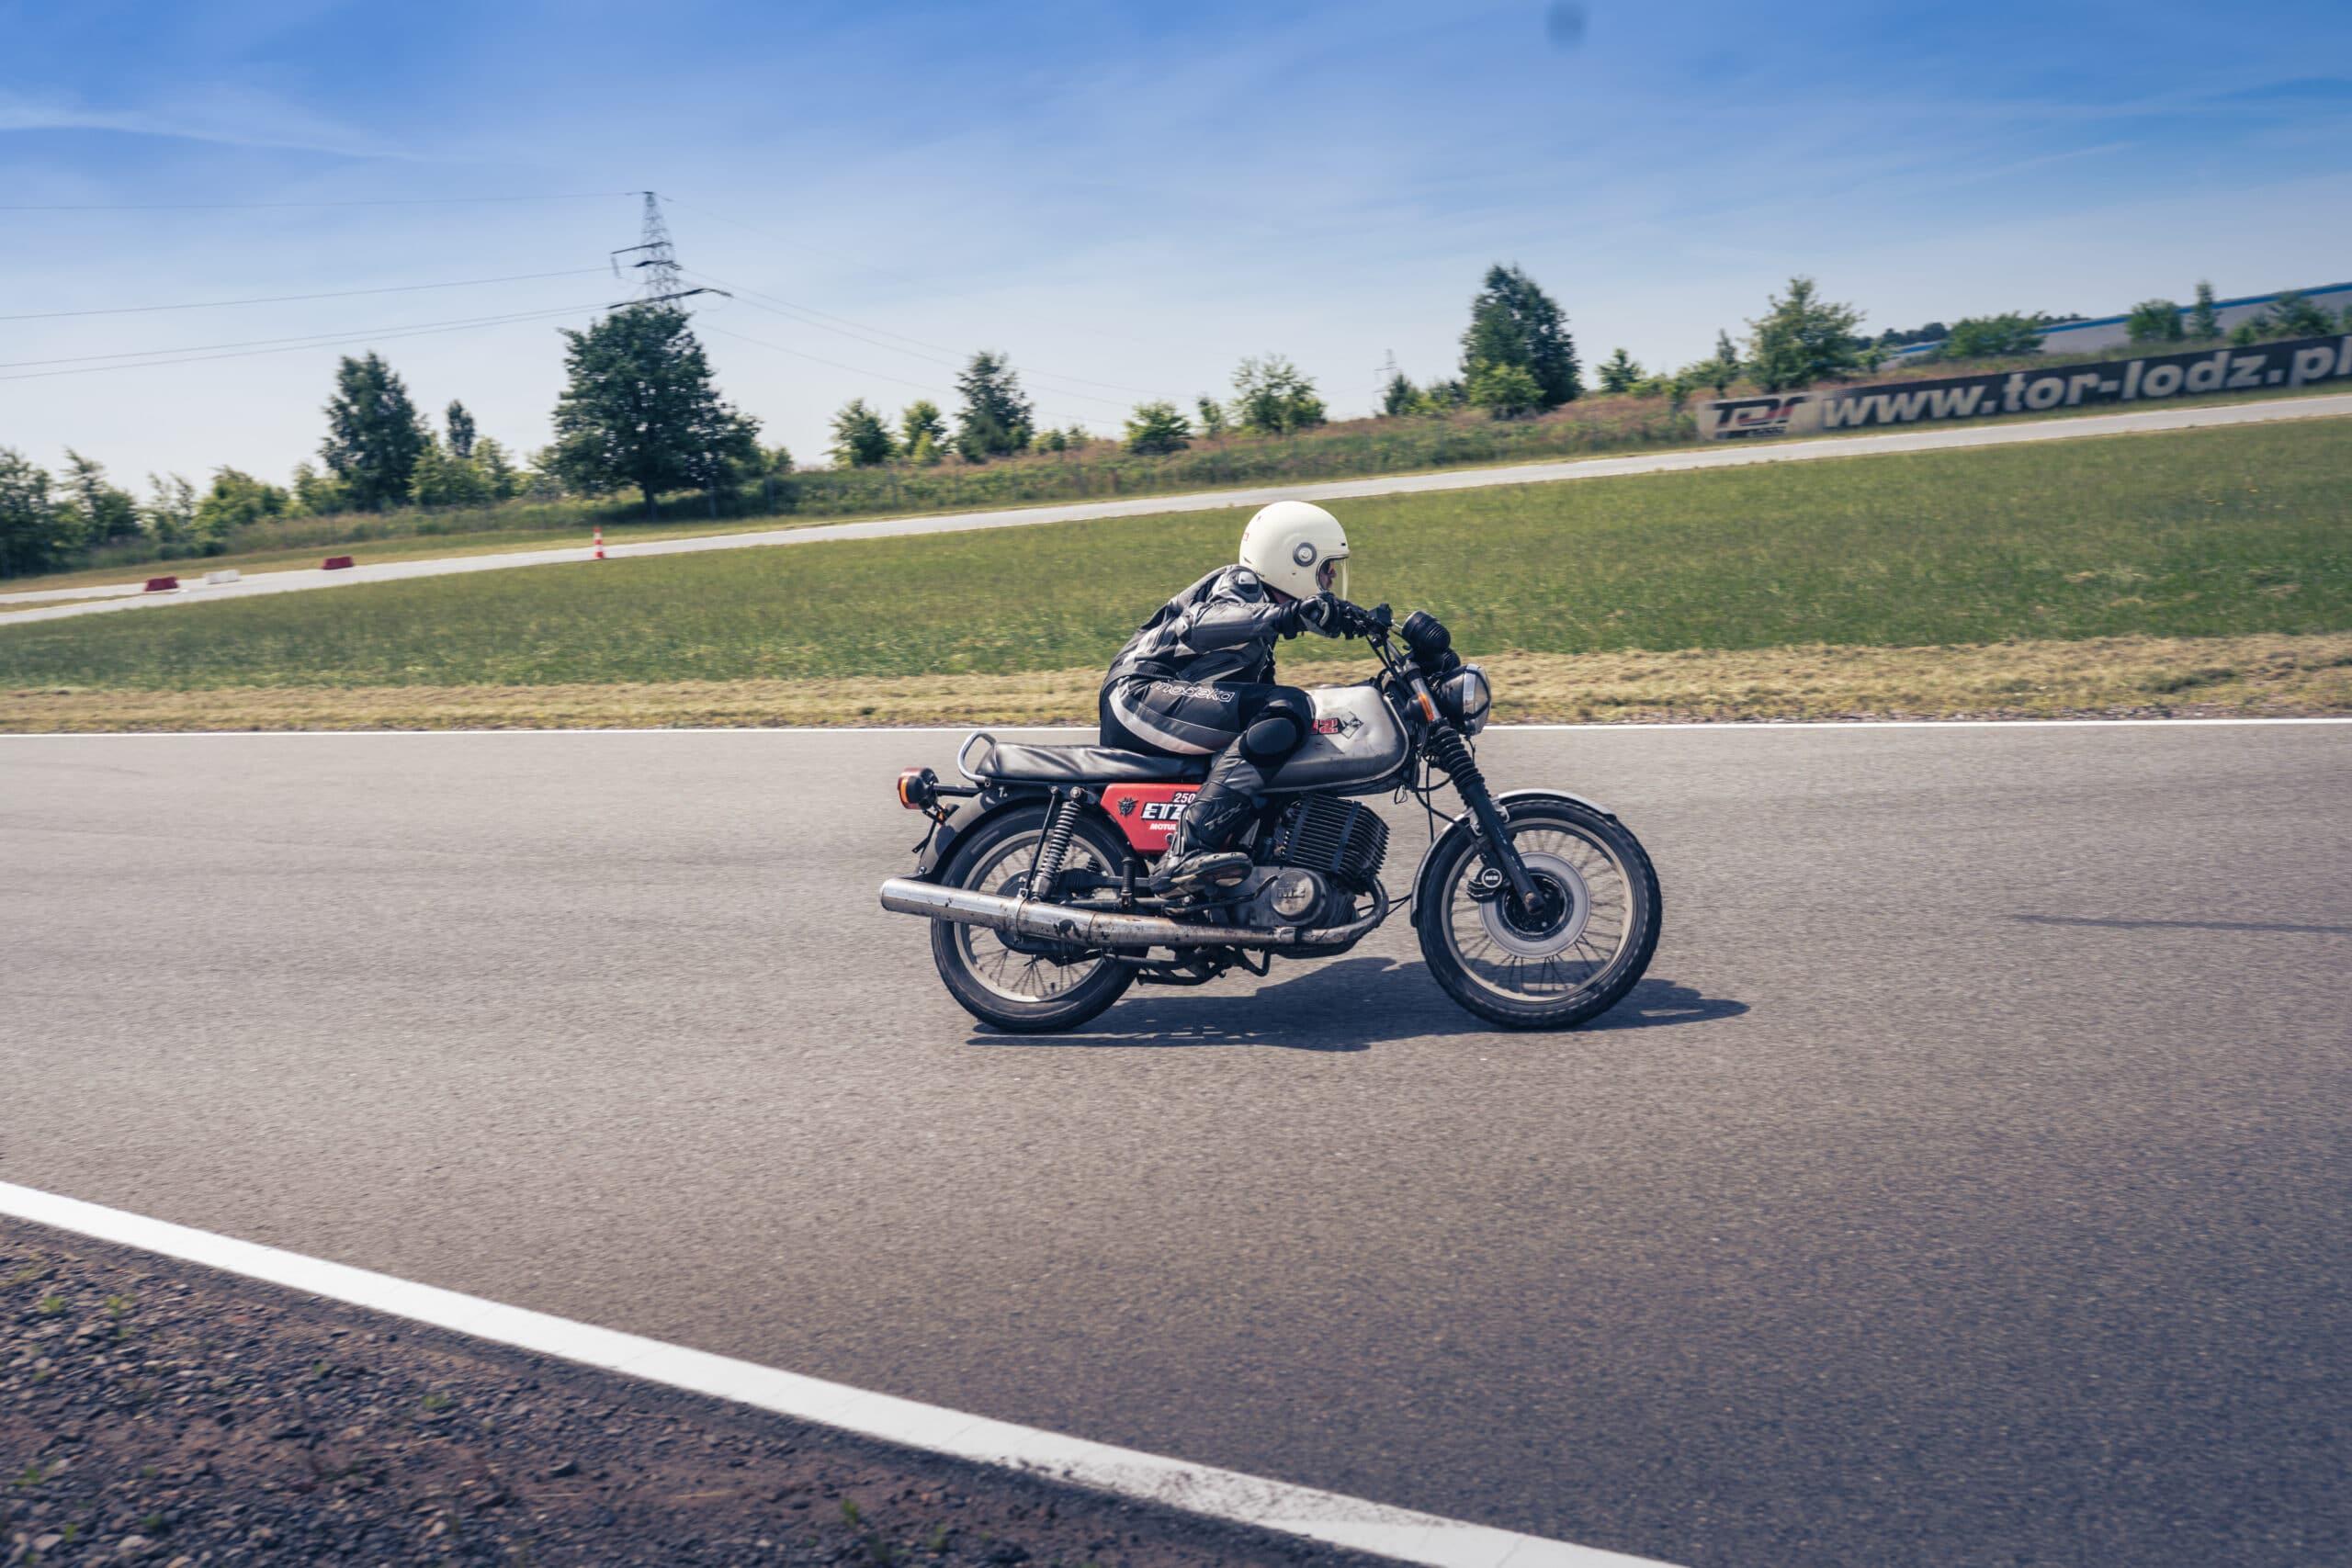 MZ ETZ 250 na torze. Wyzwanie Motul. Klasyczne motocykle